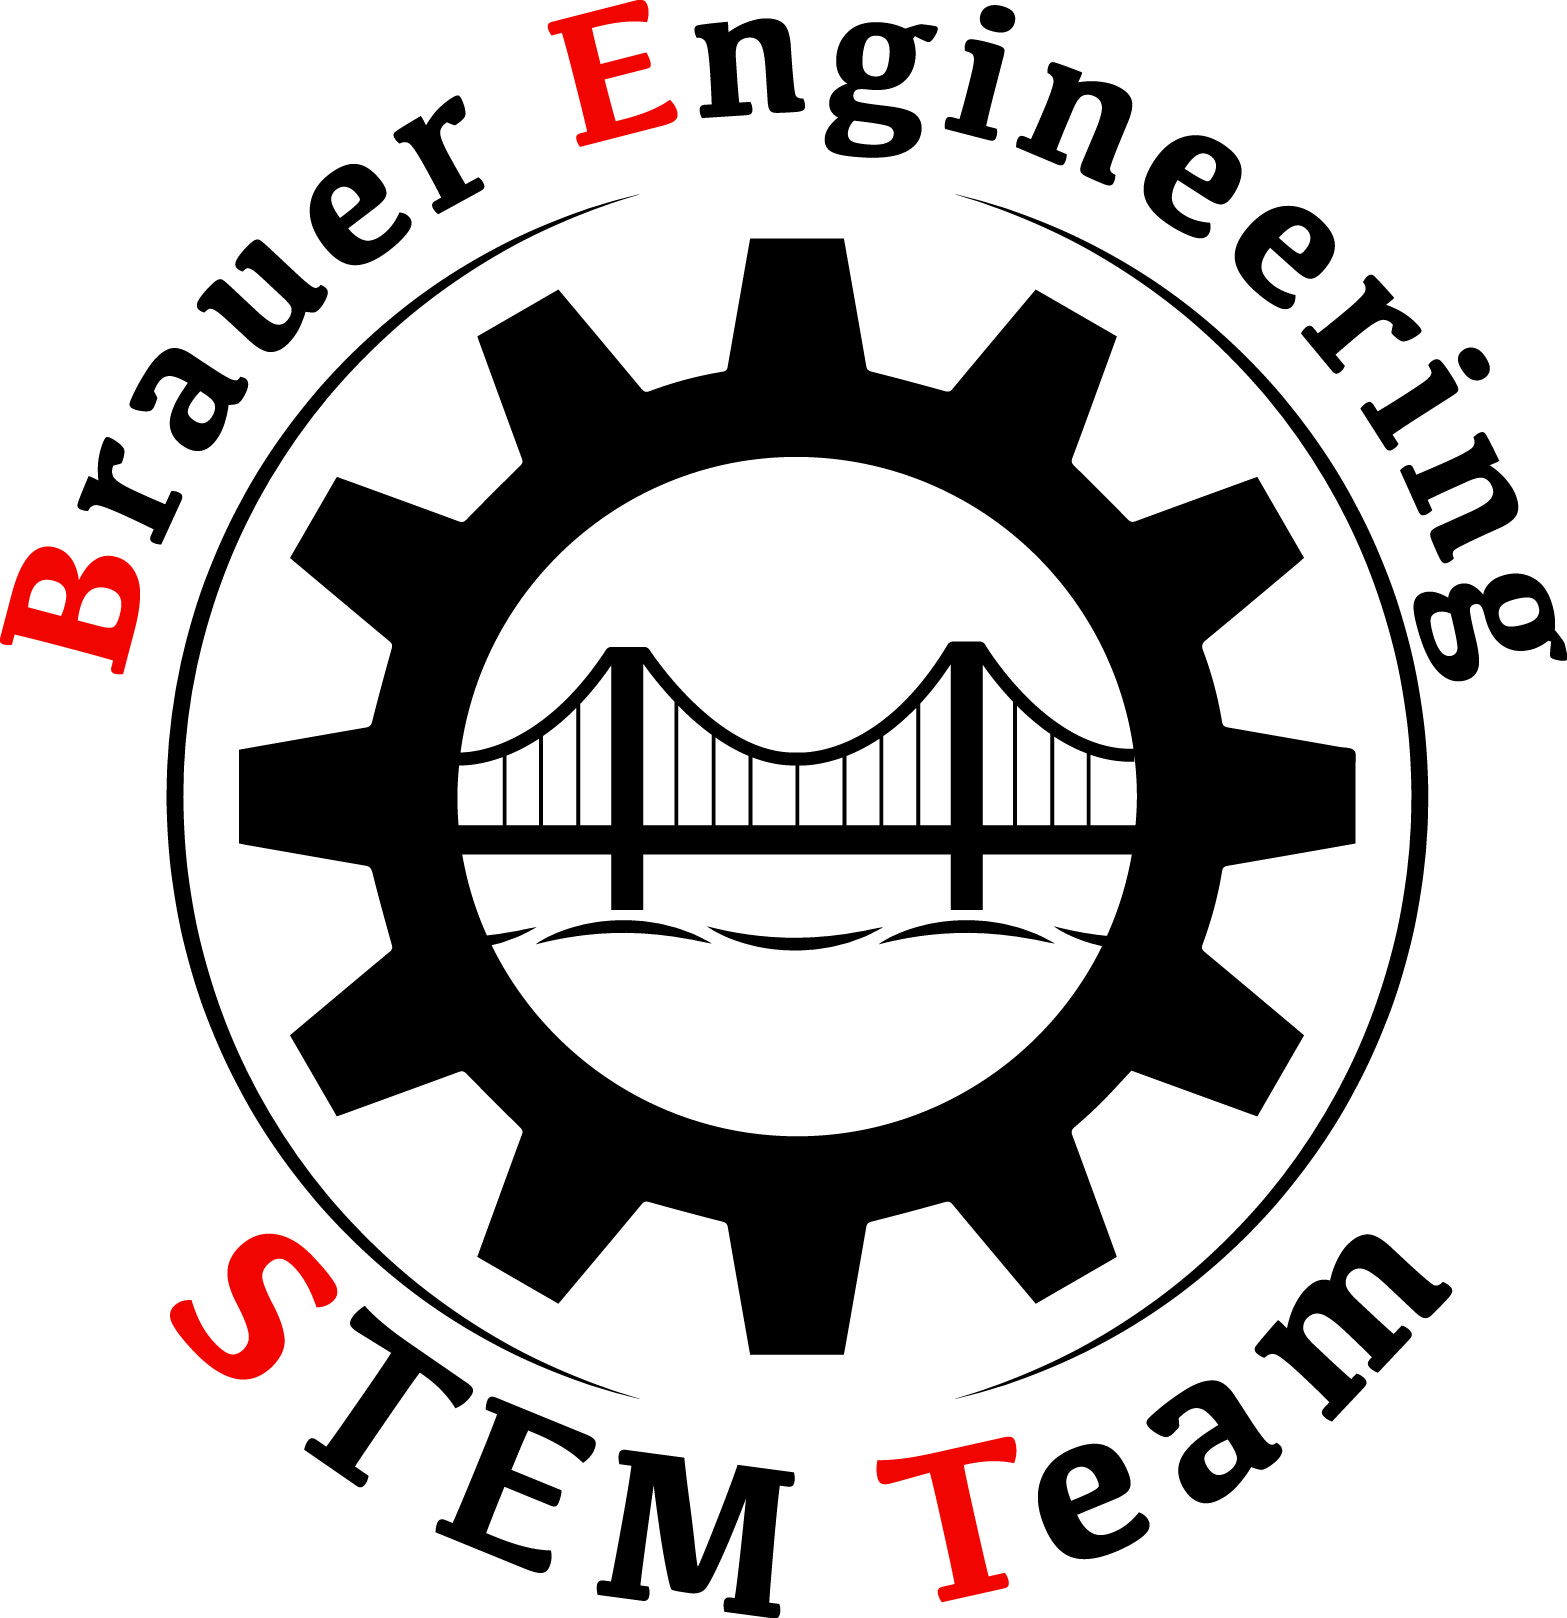 Brauer STEM logo-red.jpg